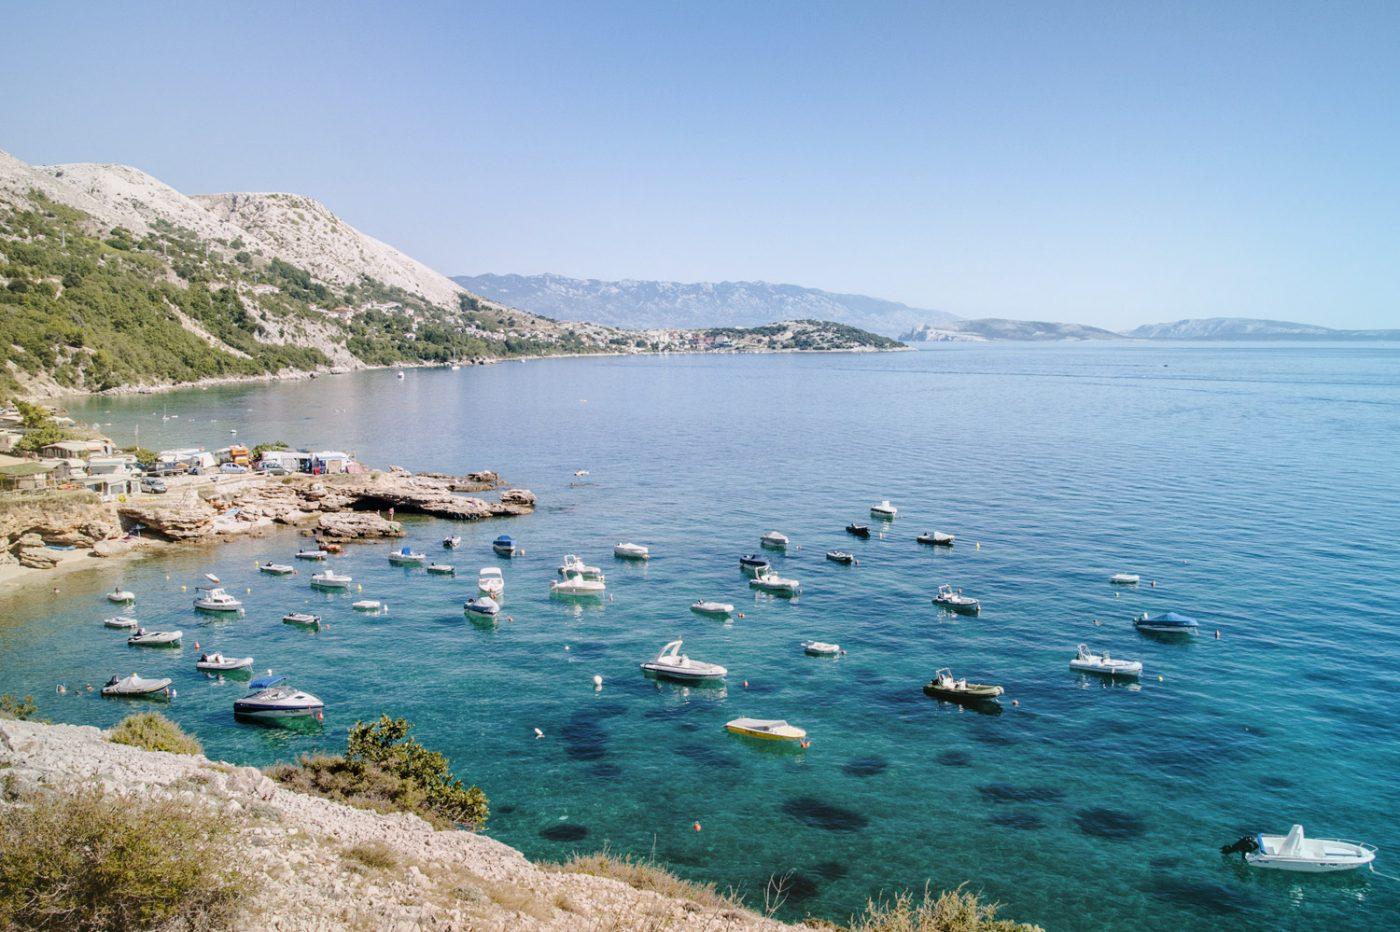 Boote vor der Küste der Insel Krk in Kroatien.